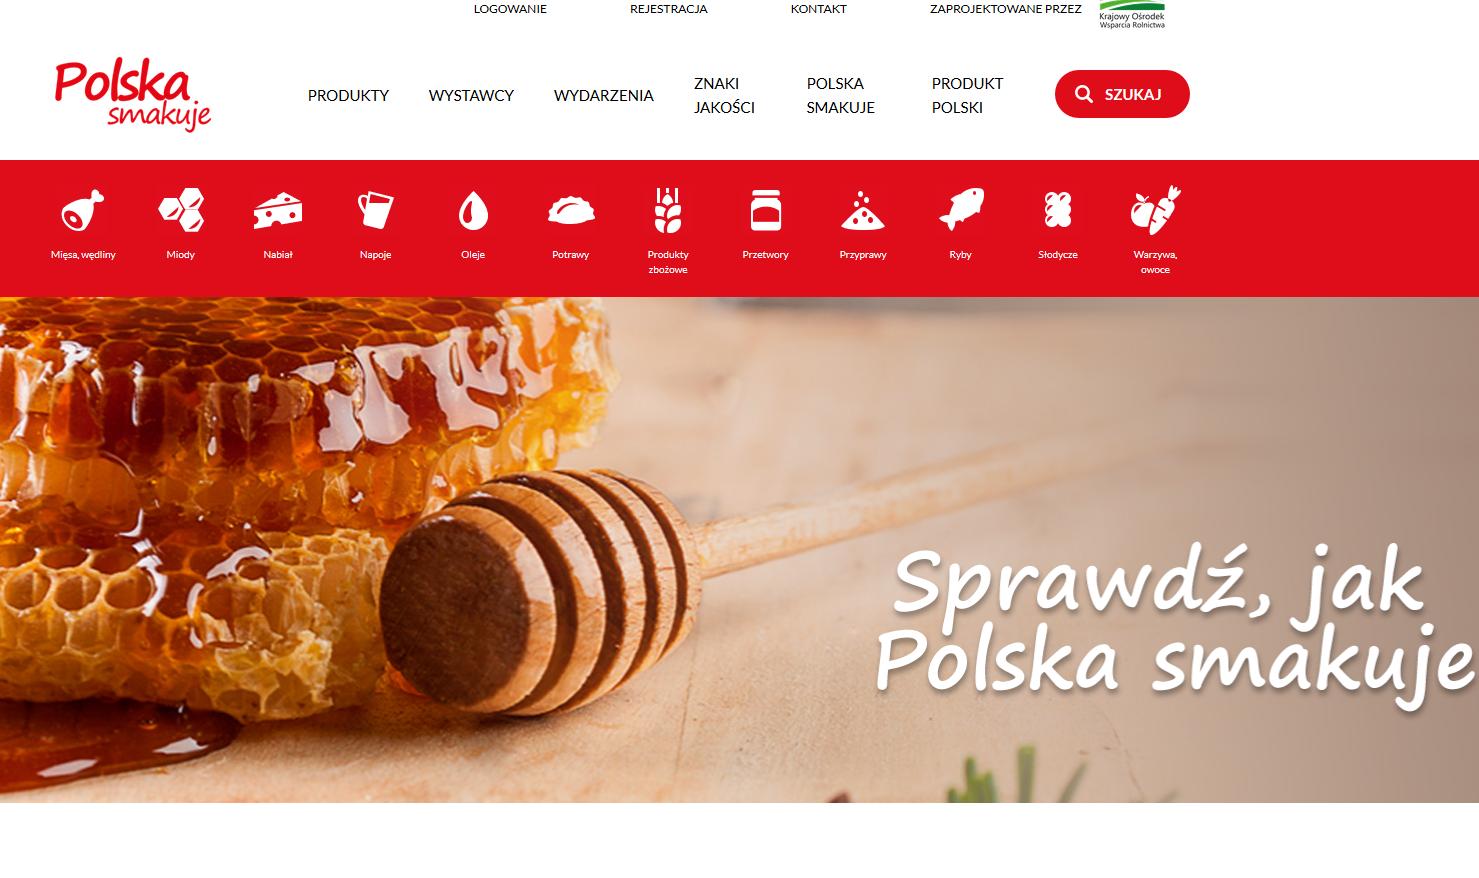 zrzut strony głównej serwisu Polskasmakuje